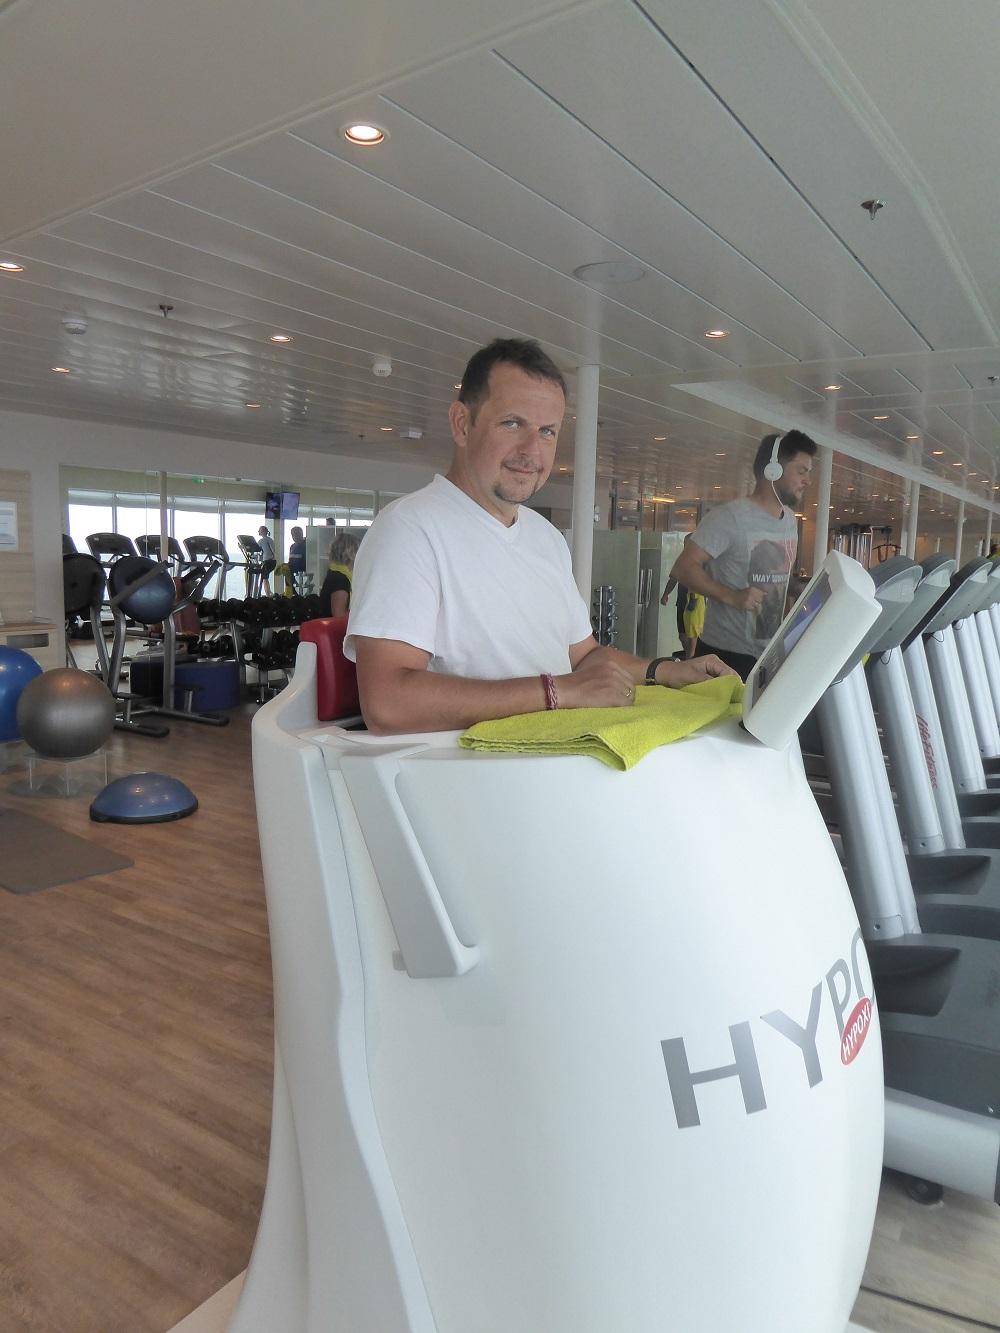 Mein Schiff Gastautor Maik Günter schwitzt im Fitnessstudio im Hypoxi (© Simon Traumann)